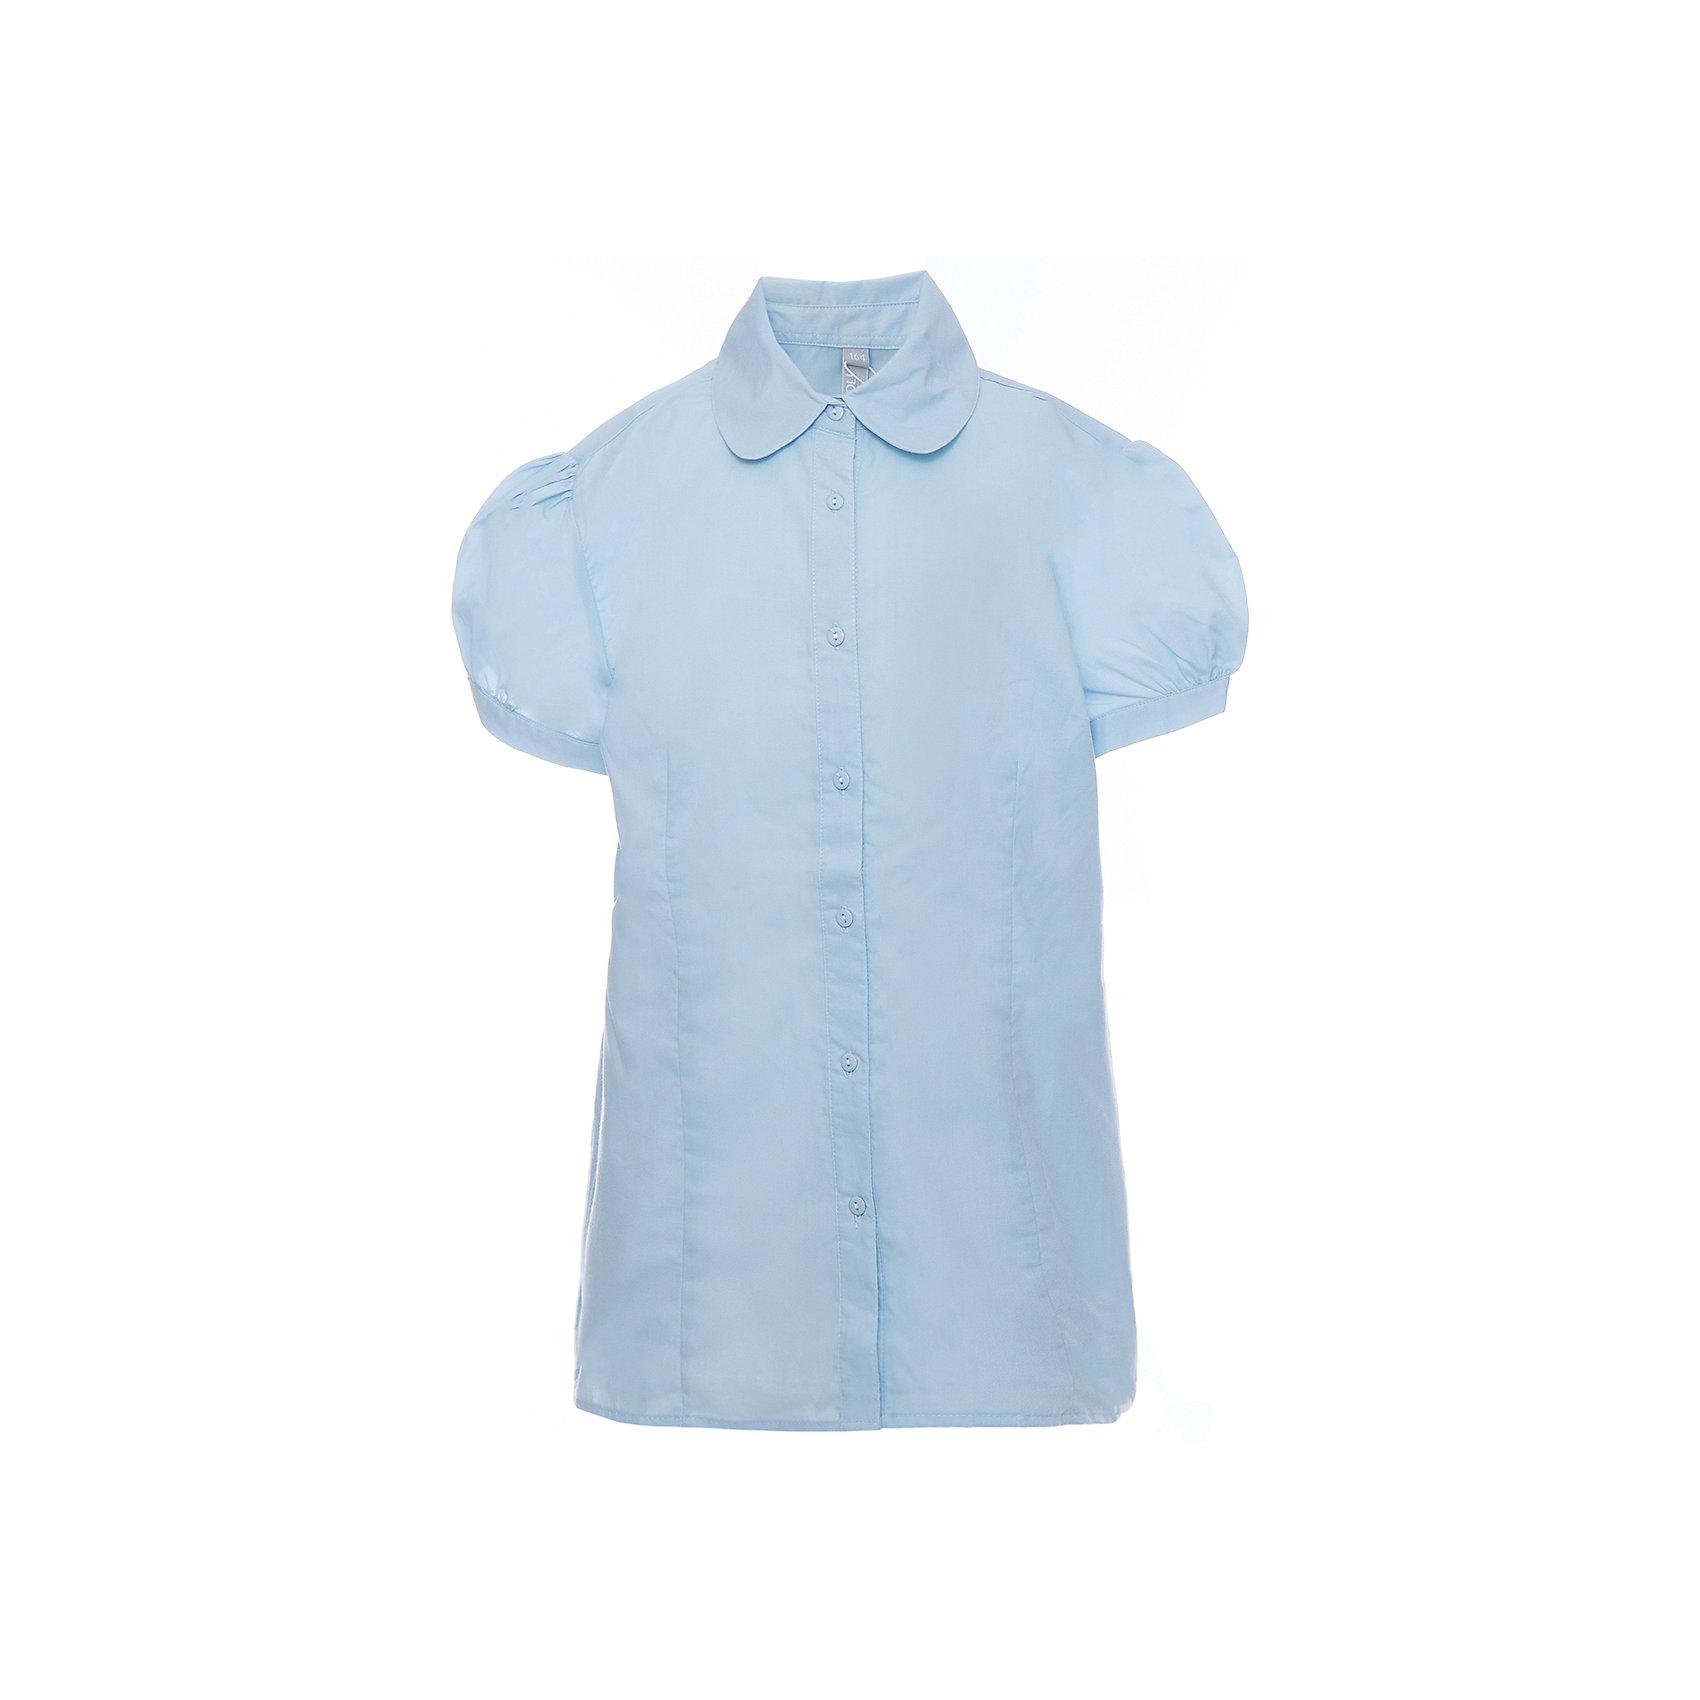 Блузка для девочки ScoolБлузки и рубашки<br>Блузка для девочки от известного бренда Scool<br>Состав:<br>65% хлопок, 35% полиэстер<br>Стильная голубая блузка на пуговках. Округлый воротник. Рукава-фонарики придают кокетства.<br><br>Ширина мм: 186<br>Глубина мм: 87<br>Высота мм: 198<br>Вес г: 197<br>Цвет: голубой<br>Возраст от месяцев: 72<br>Возраст до месяцев: 84<br>Пол: Женский<br>Возраст: Детский<br>Размер: 122,140,158,164,152,146,134,128<br>SKU: 4687020